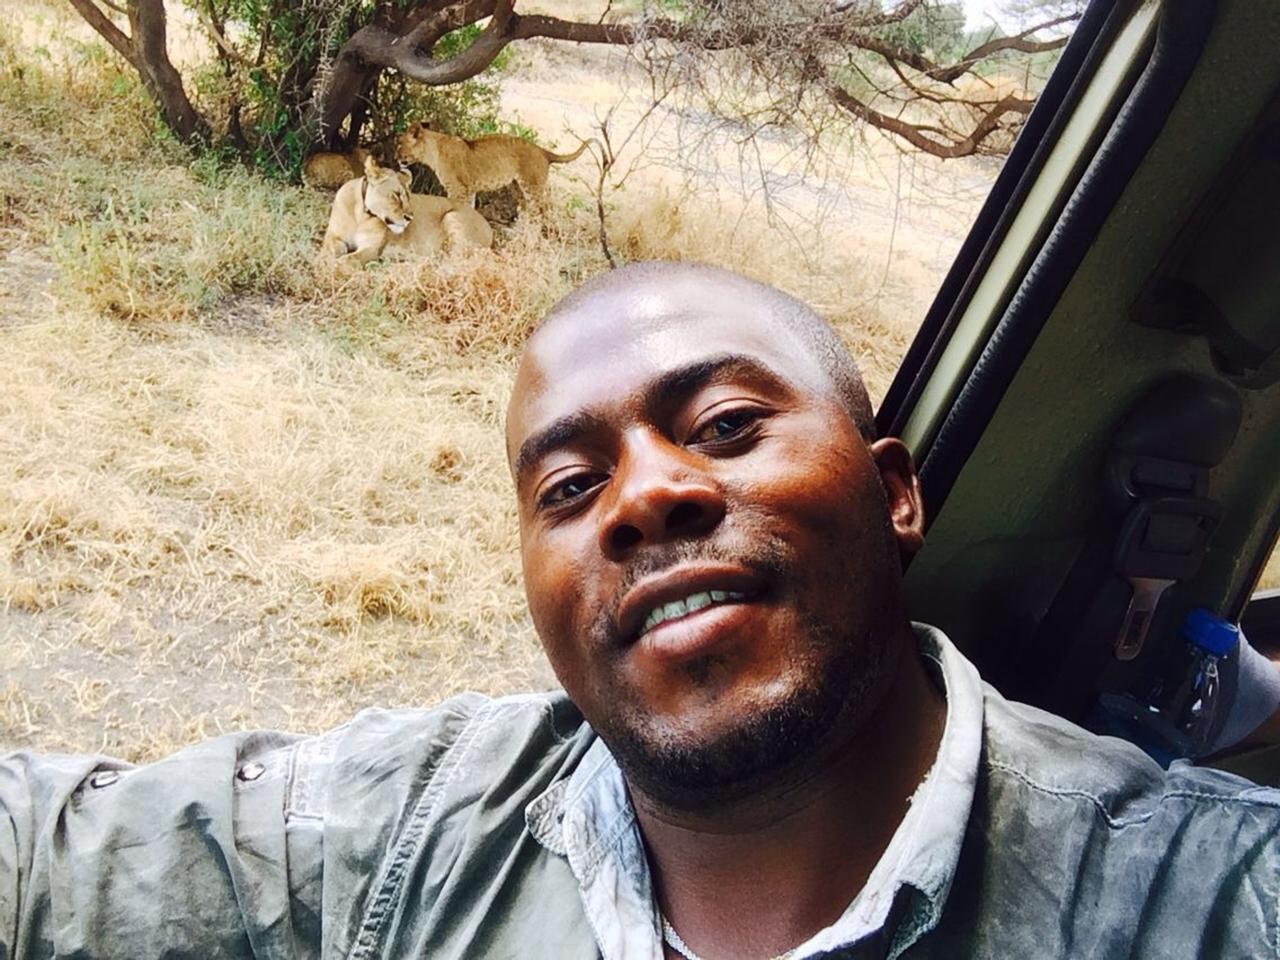 Safari guide Tanzania Solo